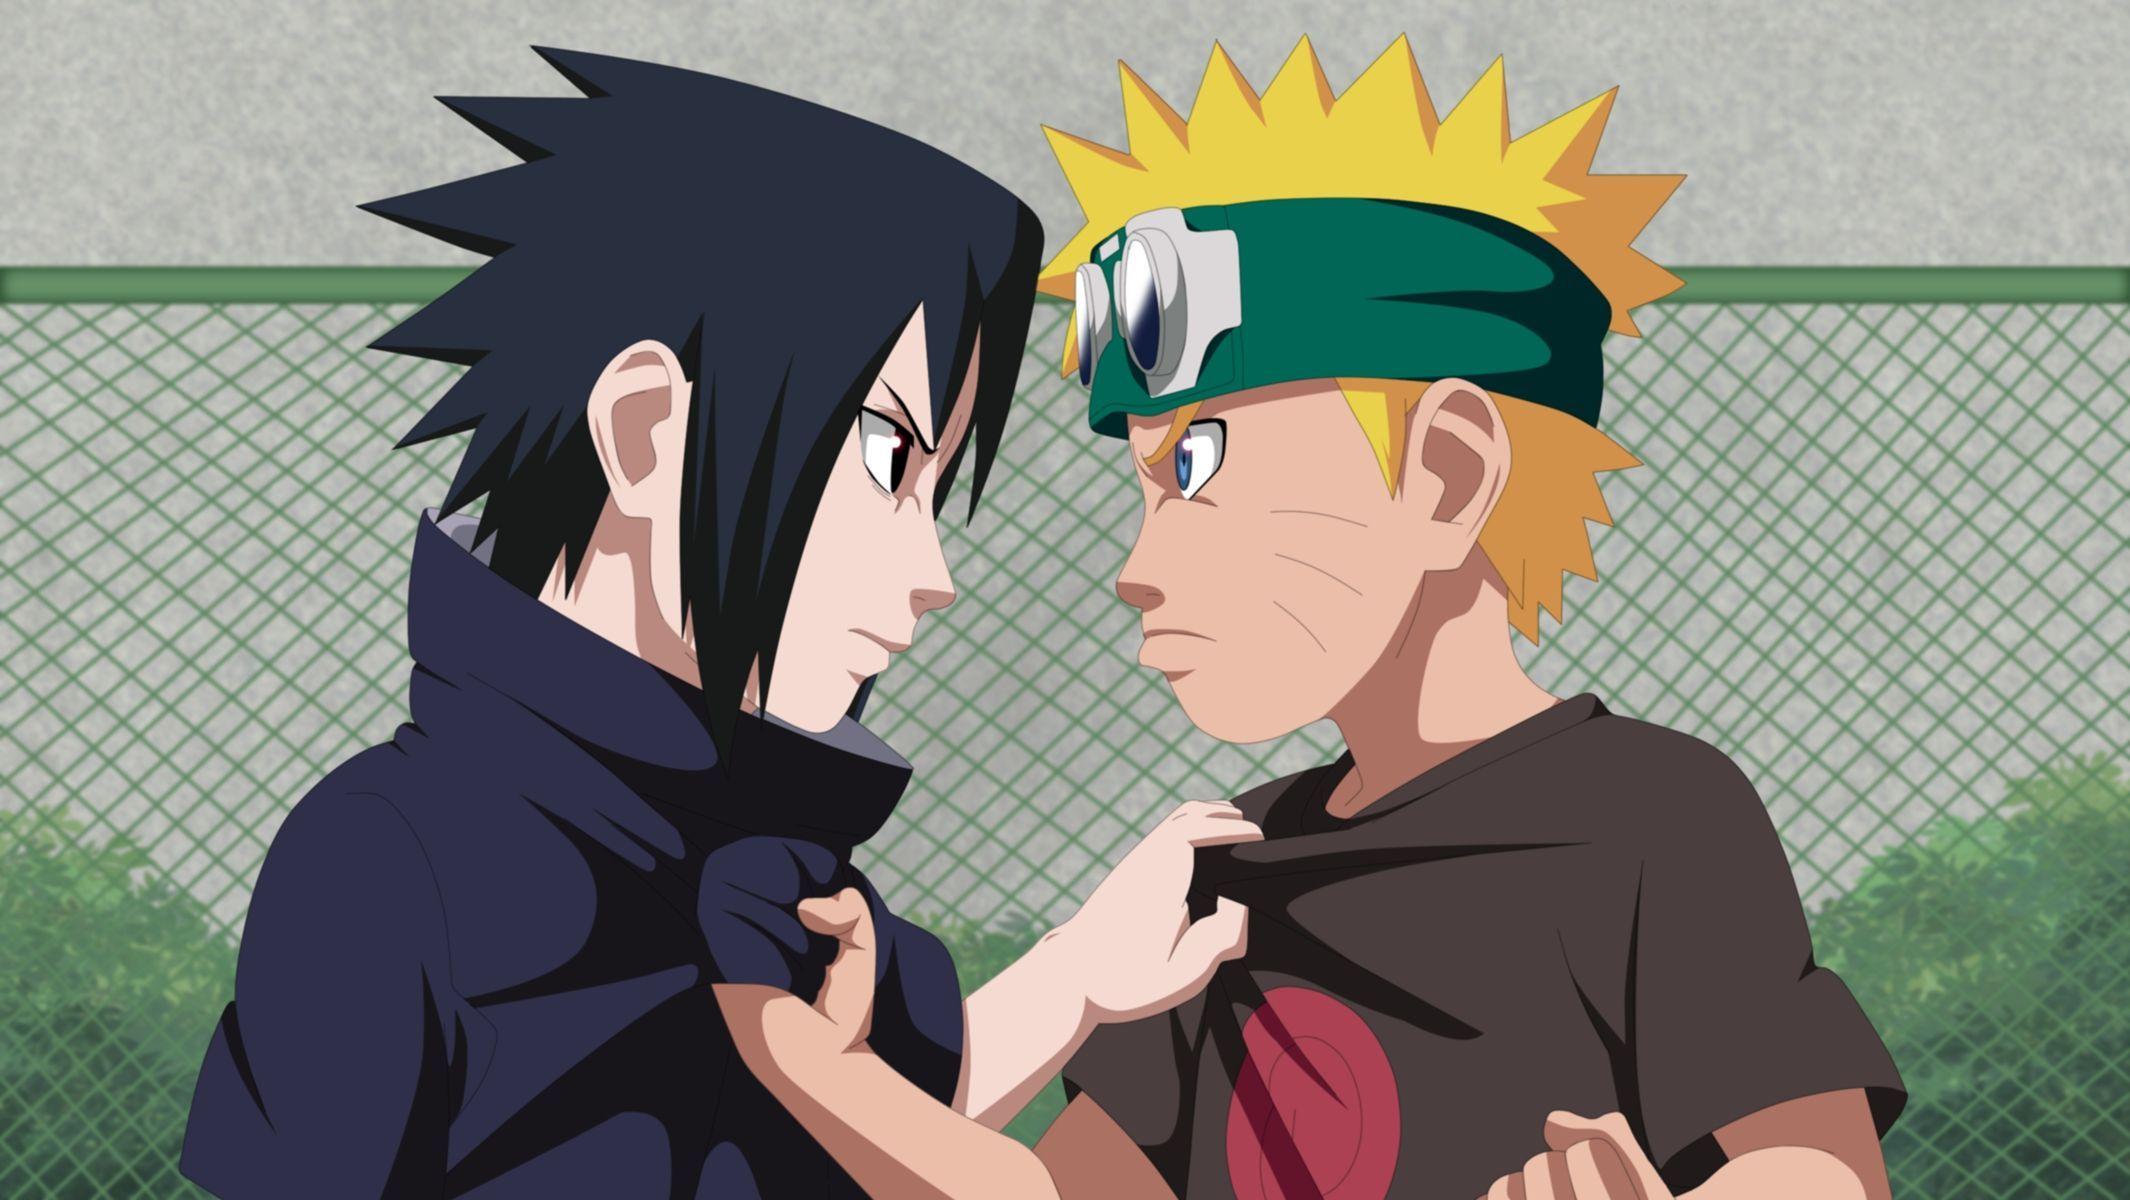 Naruto Hypebeast Wallpaper Hd Freewallanime